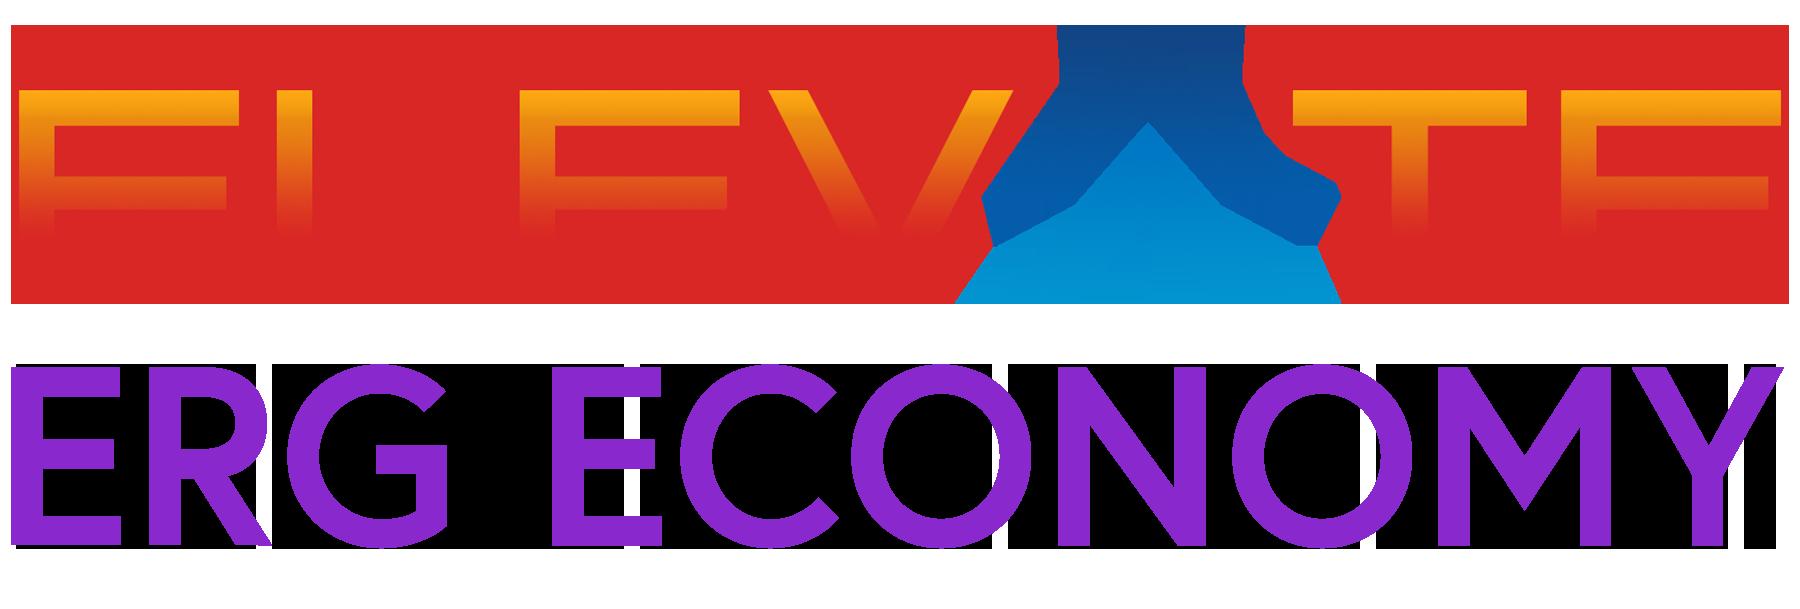 ERG Economy